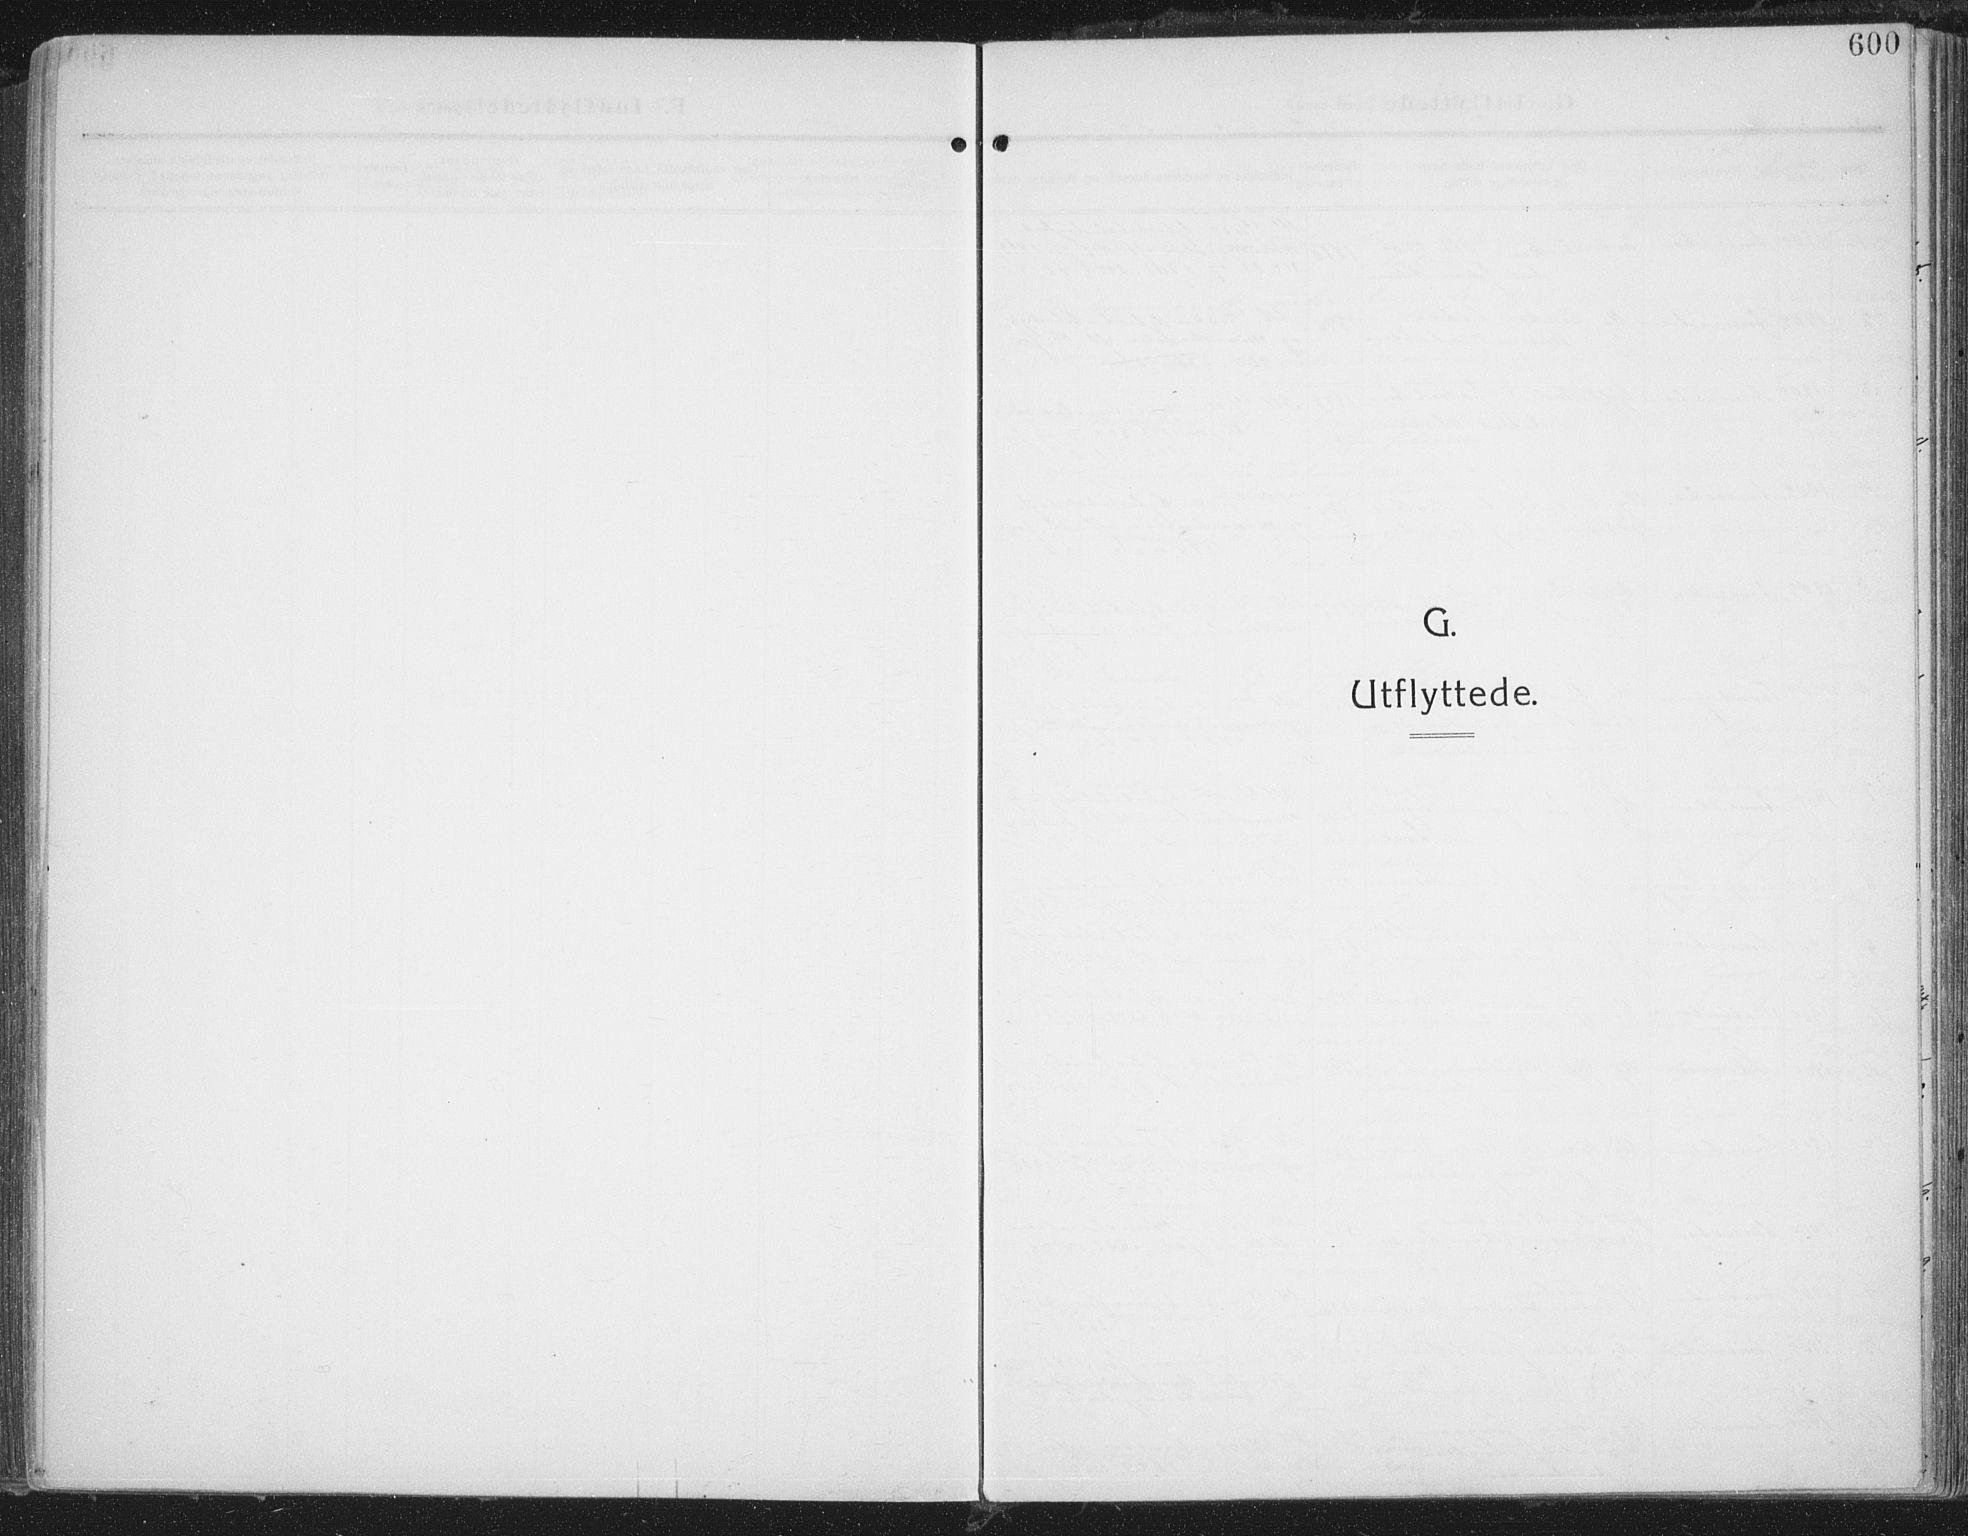 SATØ, Trondenes sokneprestkontor, H/Ha/L0018kirke: Ministerialbok nr. 18, 1909-1918, s. 600